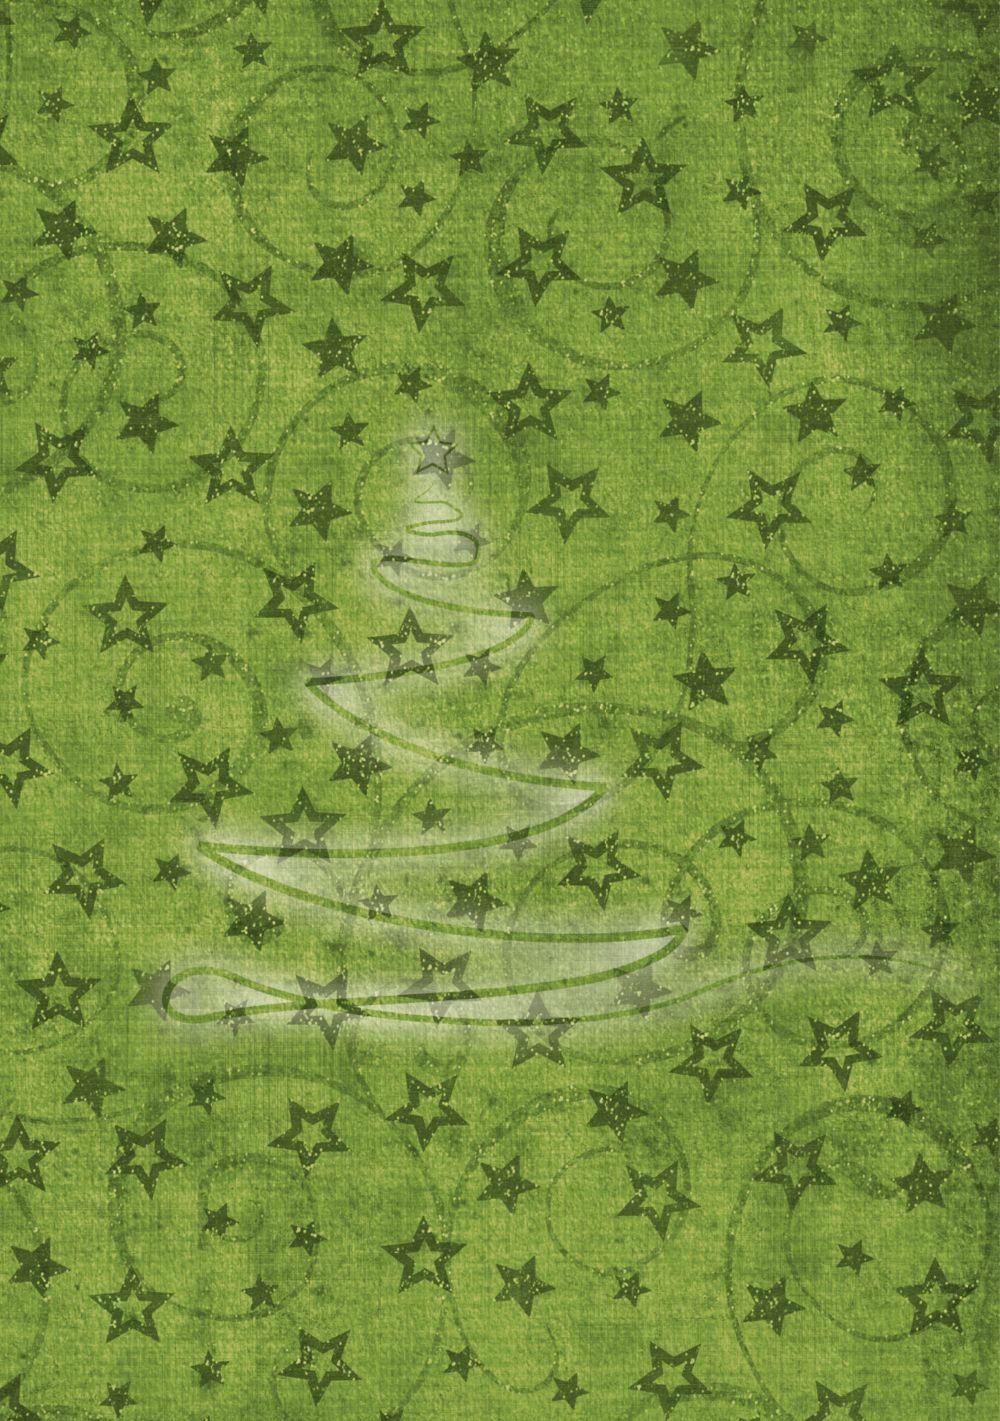 Ansicht 4 - Grußkarte Linienbaum